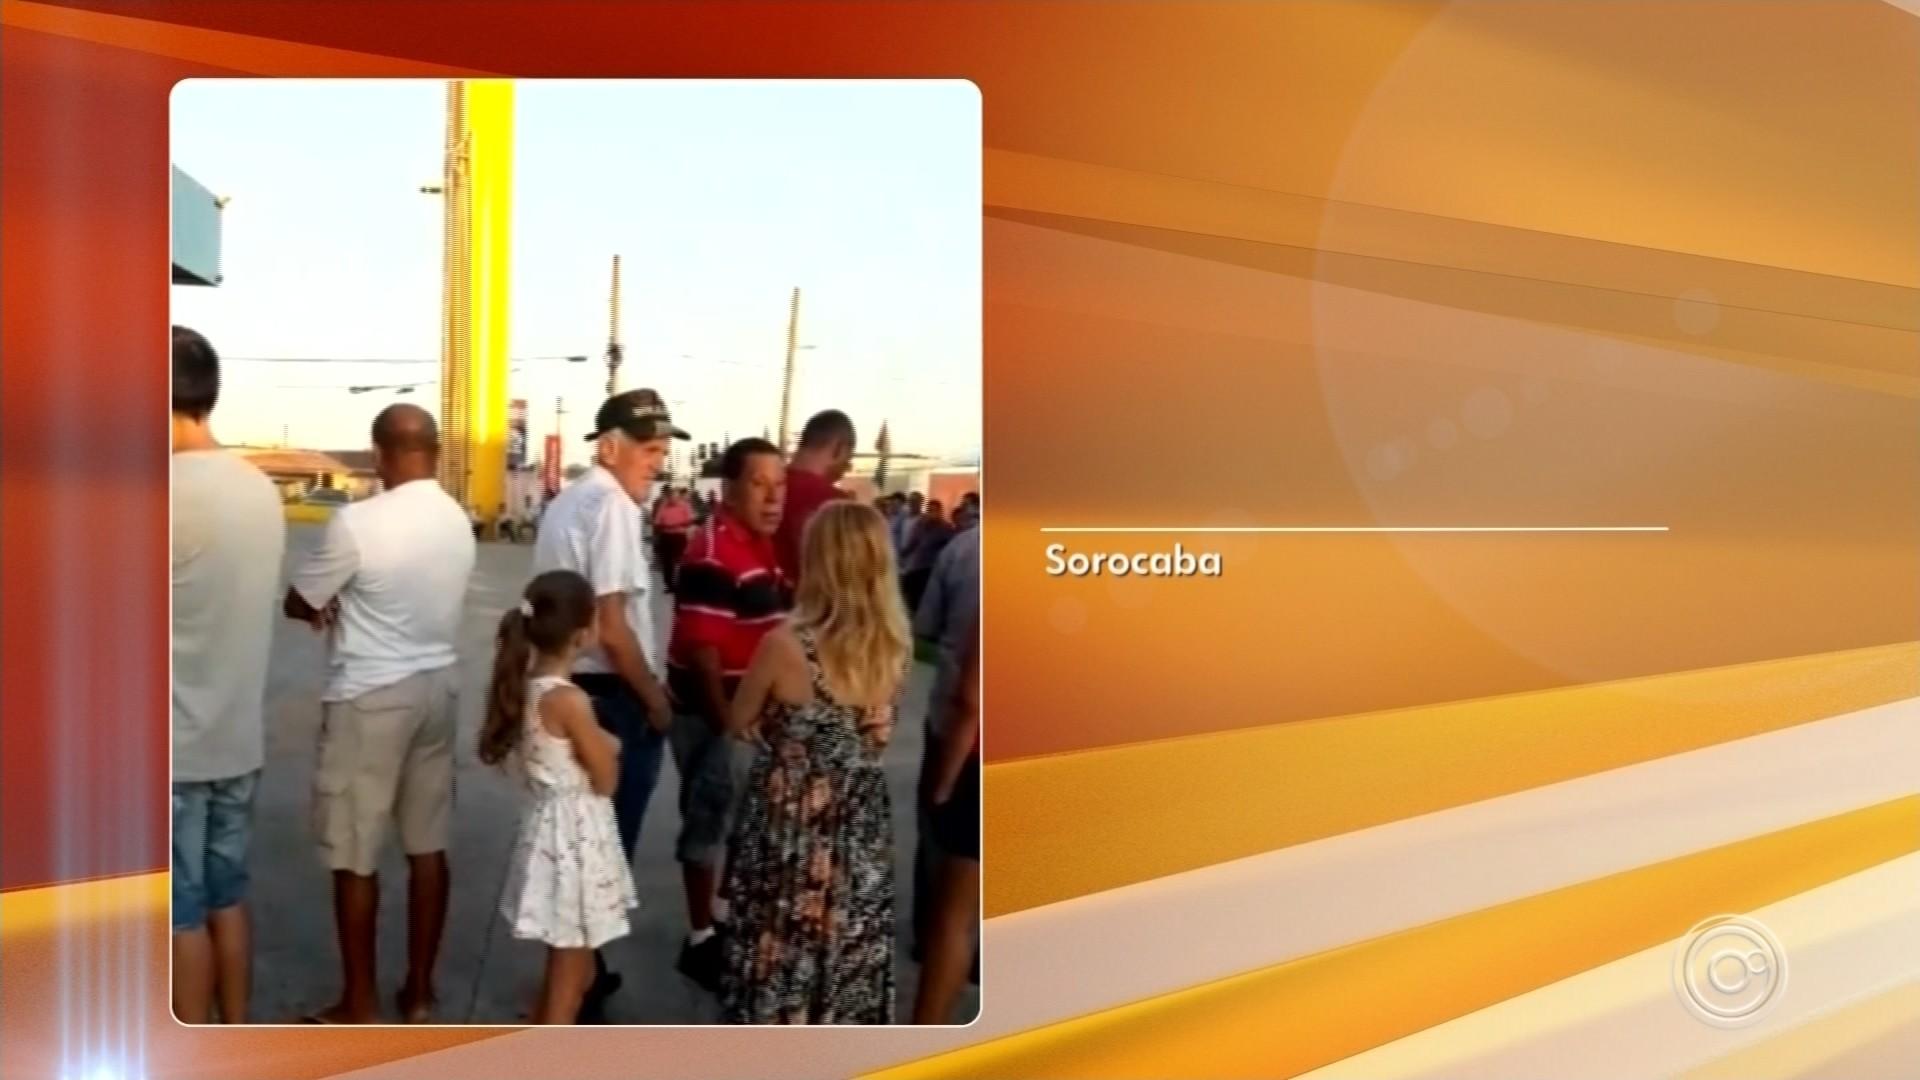 a5973d019 Assista aos vídeos do telejornal com notícias das regiões de Sorocaba